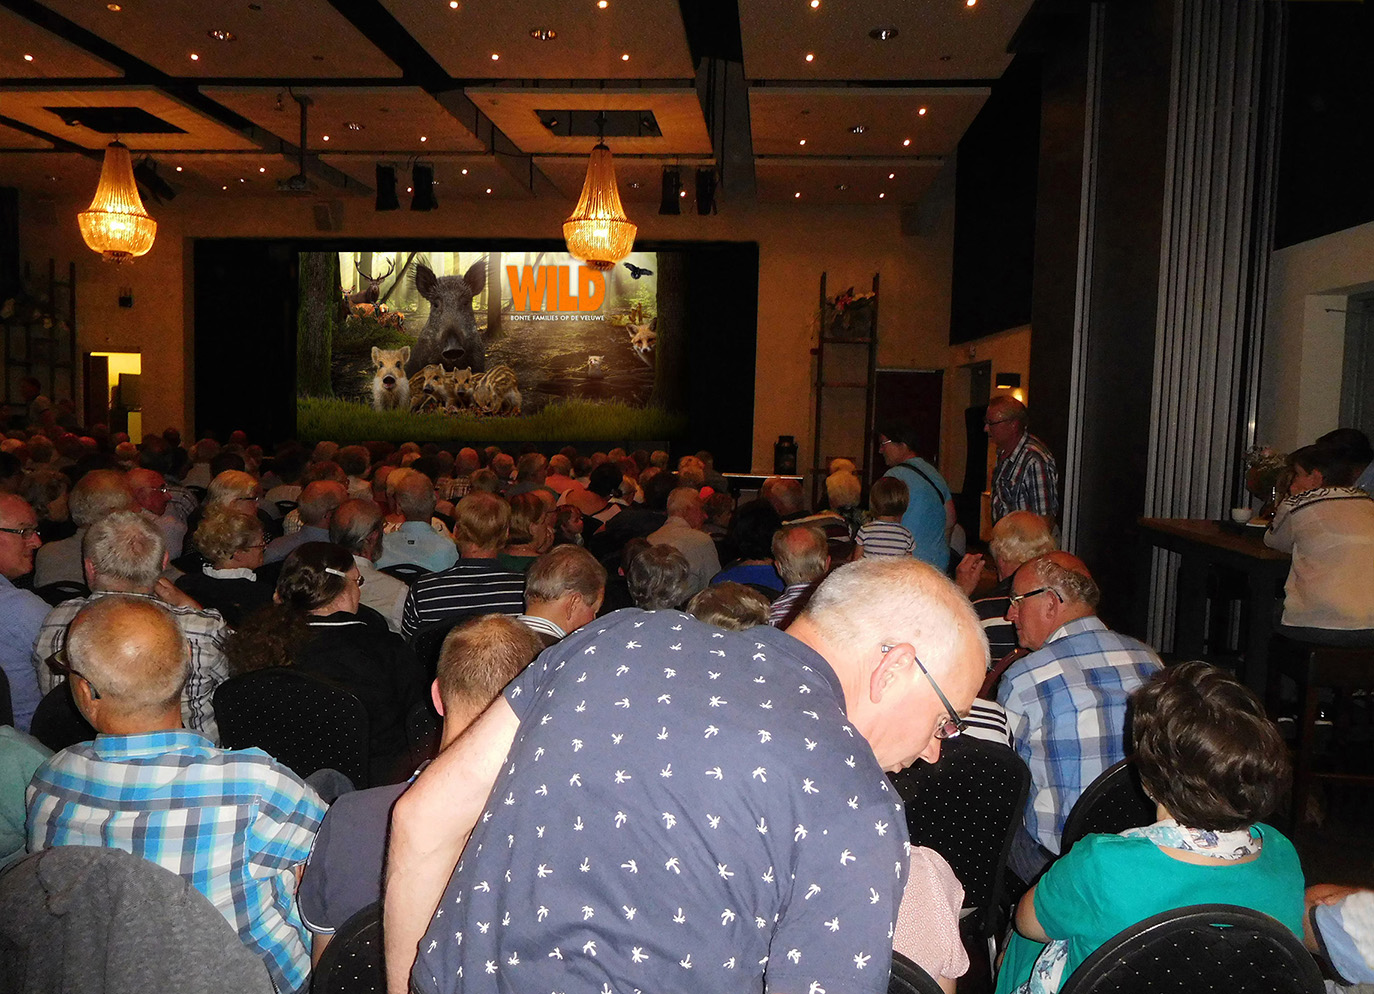 De grote zaal van de Essenburcht zat helemaal tjokvol - Foto: ©Fransien Fraanje